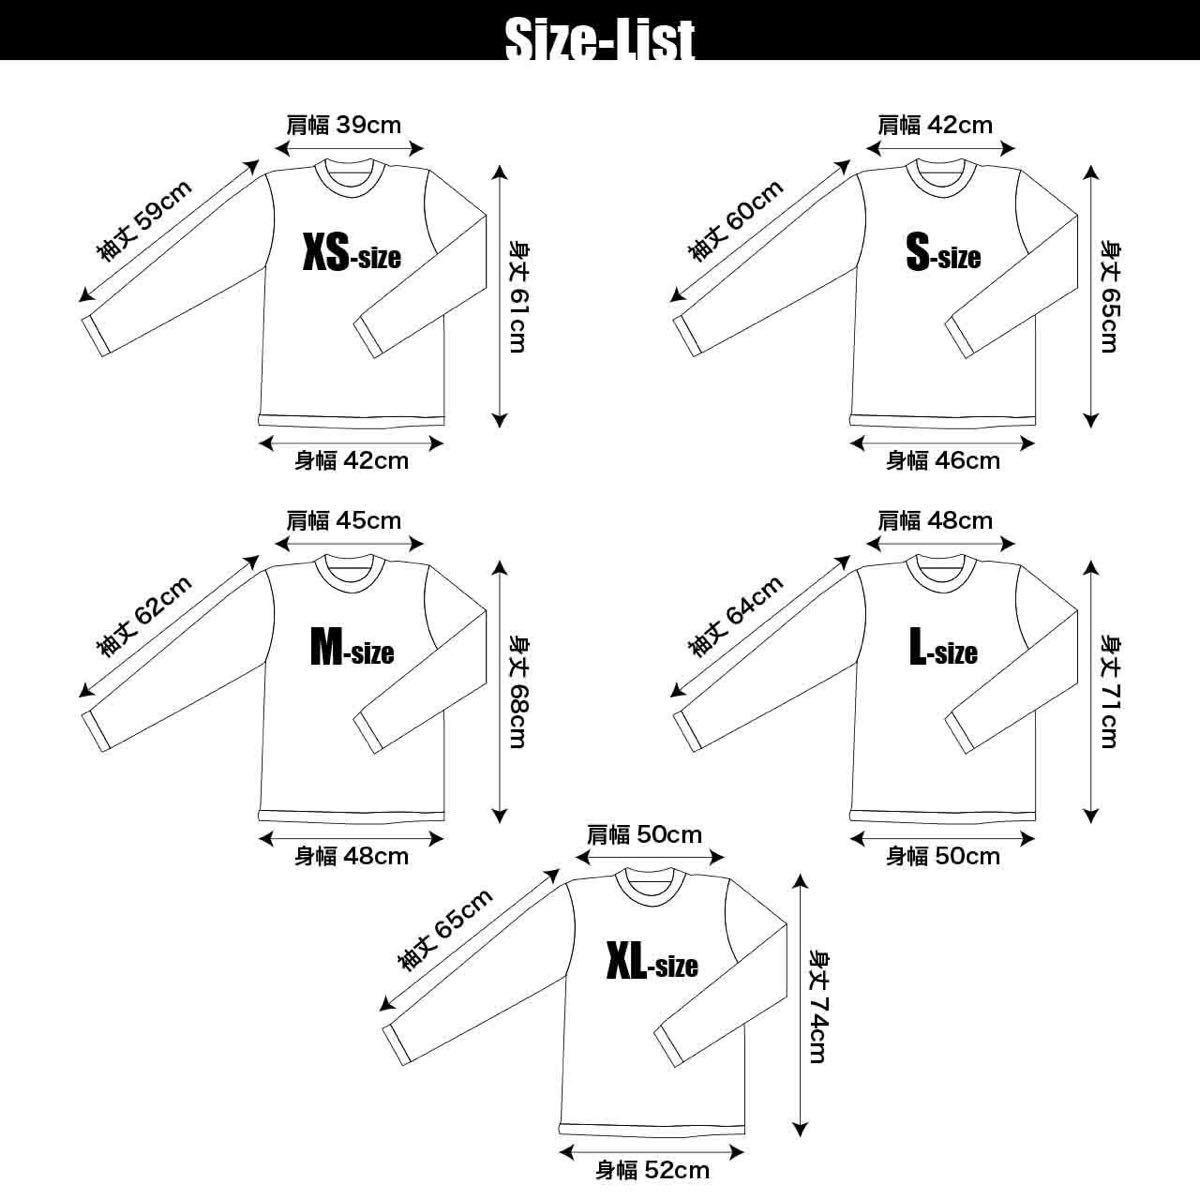 新品 NIRVANA ニルヴァーナ カートコバーン スマイリー グランジ バンド Tシャツ S M L XL ビッグ オーバー サイズ XXL~5XL 黒 パーカー 可_画像6